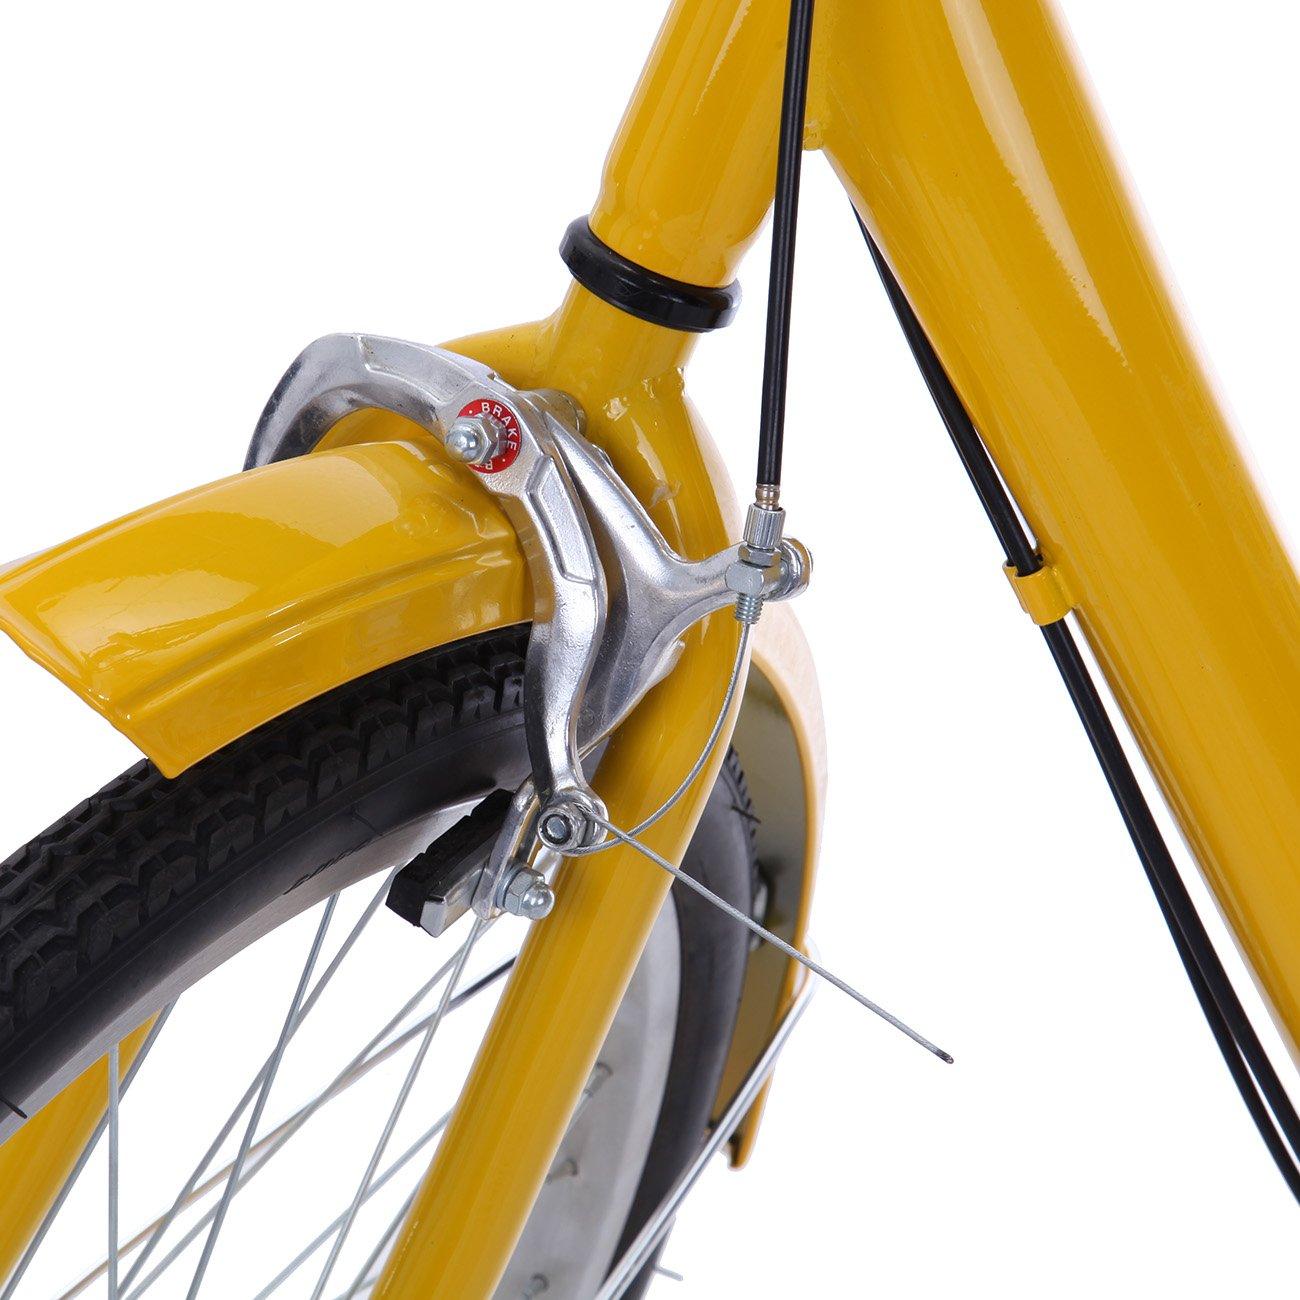 IglobalbuyYellow 24-Inch 6-Speed Adult Tricycle Trike 3-Wheel Bike Cruise Bike with Basket by Iglobalbuy (Image #5)